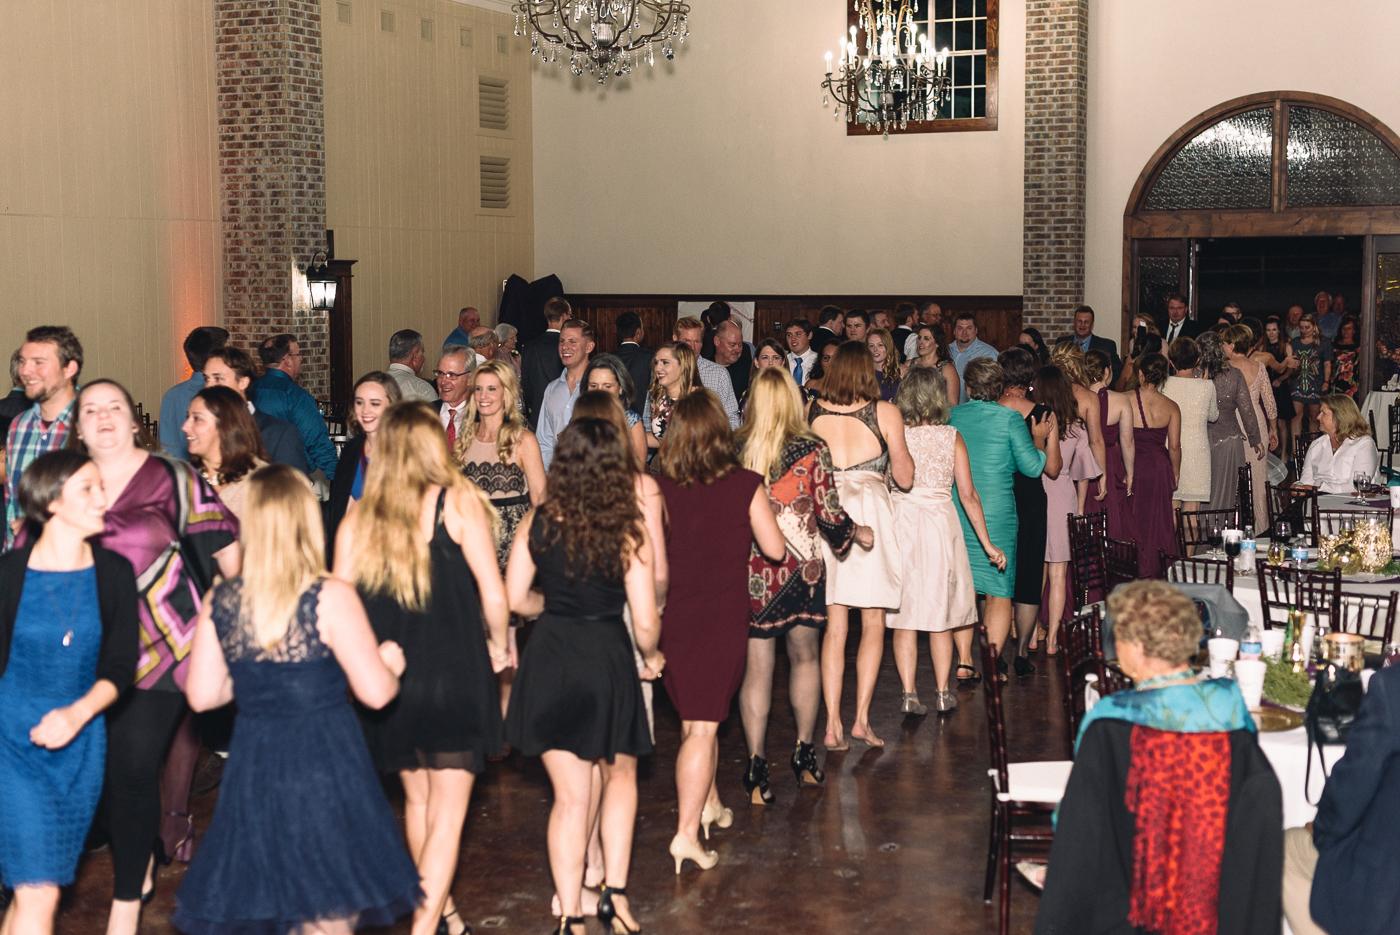 grand march czech wedding reception